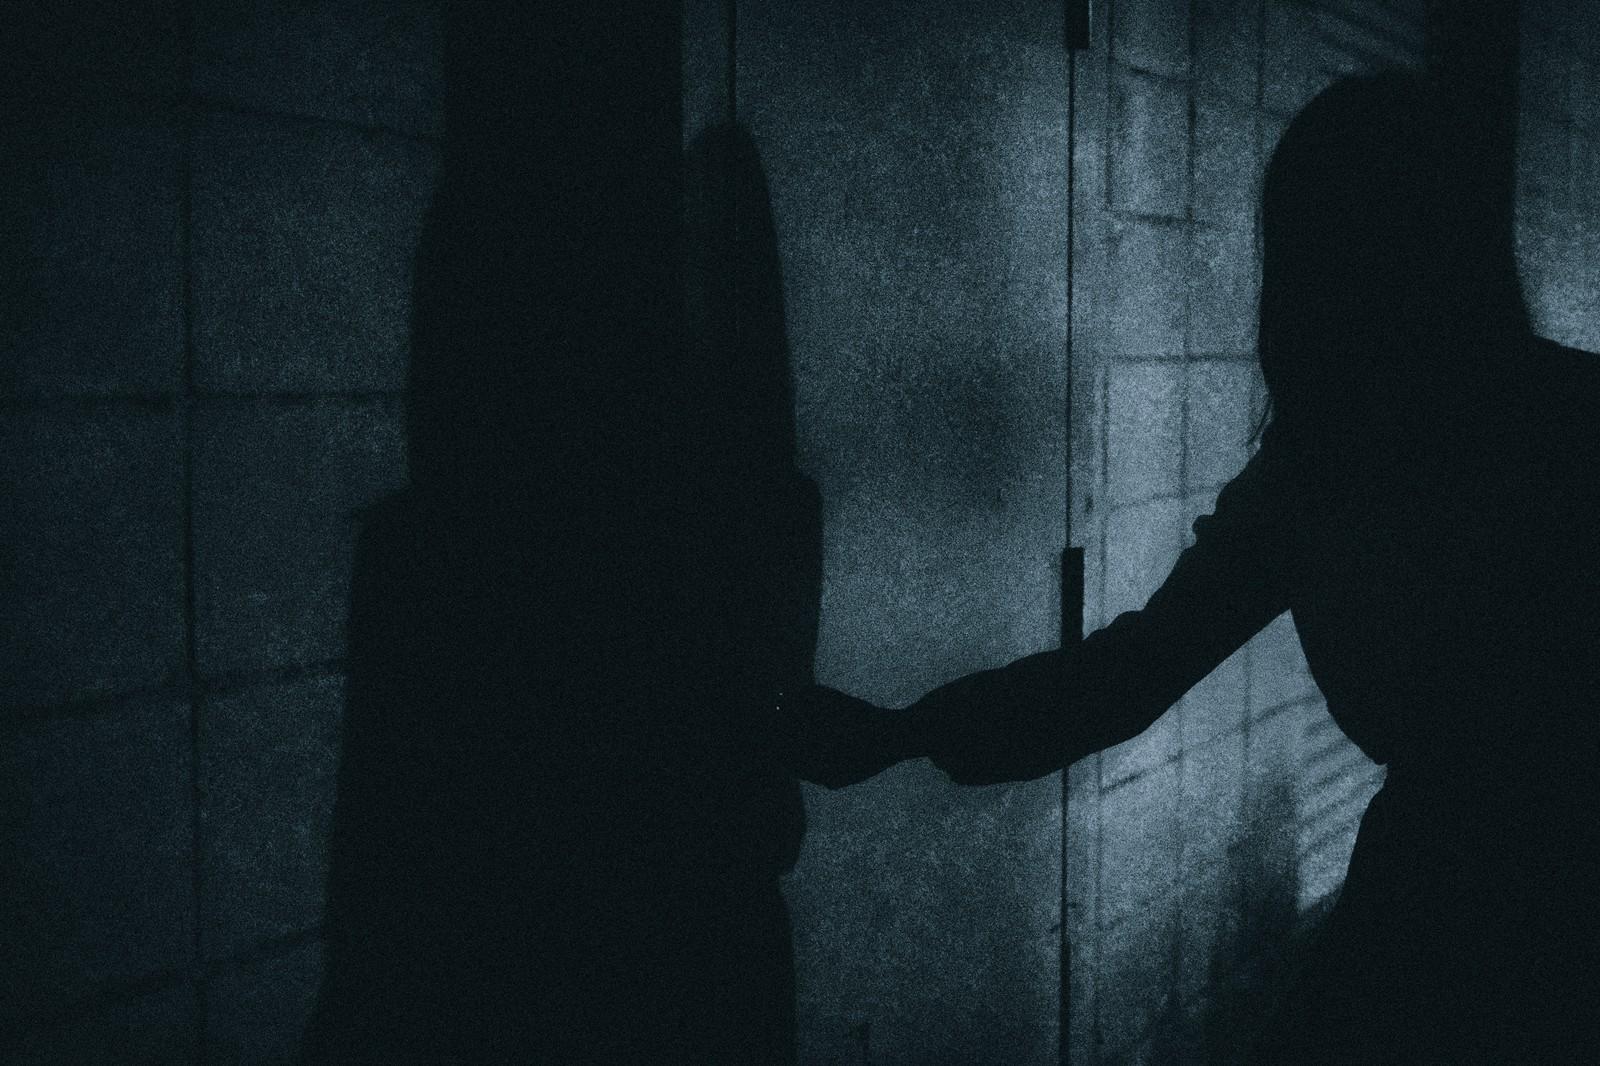 影 ドア 恐怖 ホラー